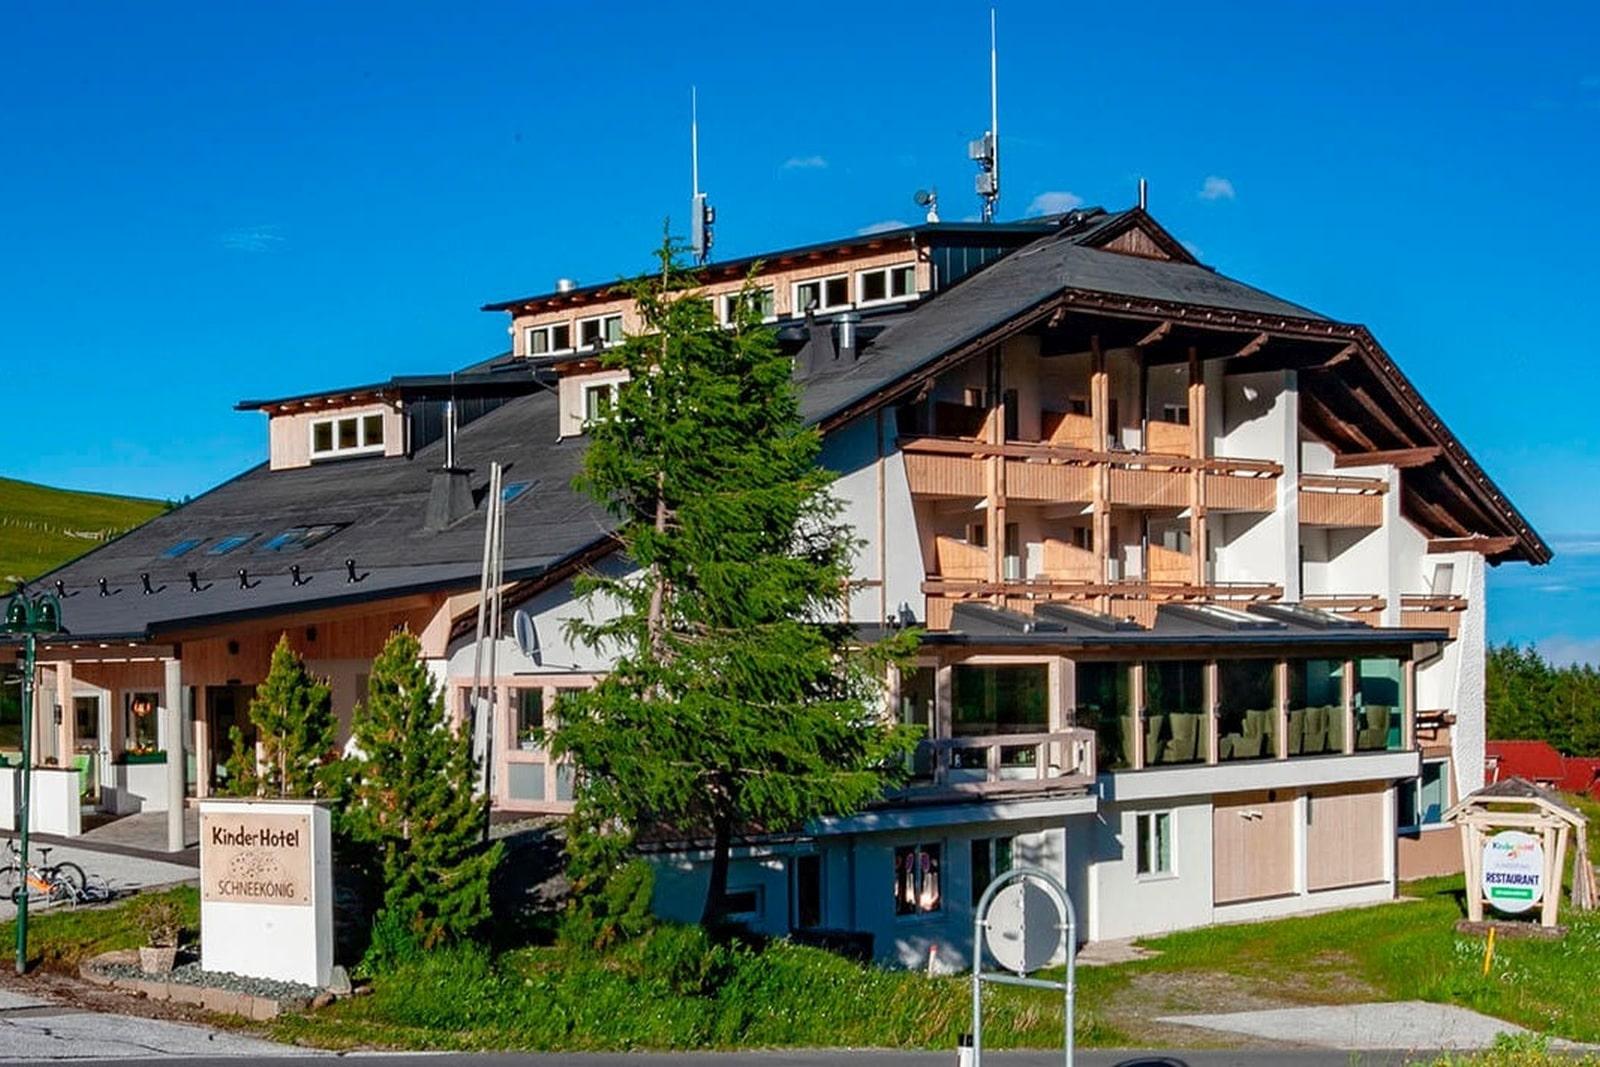 Heidi-Chalet-Falkert-Heidialm-Restaurant-Falkert-Schneekoenig-aussen